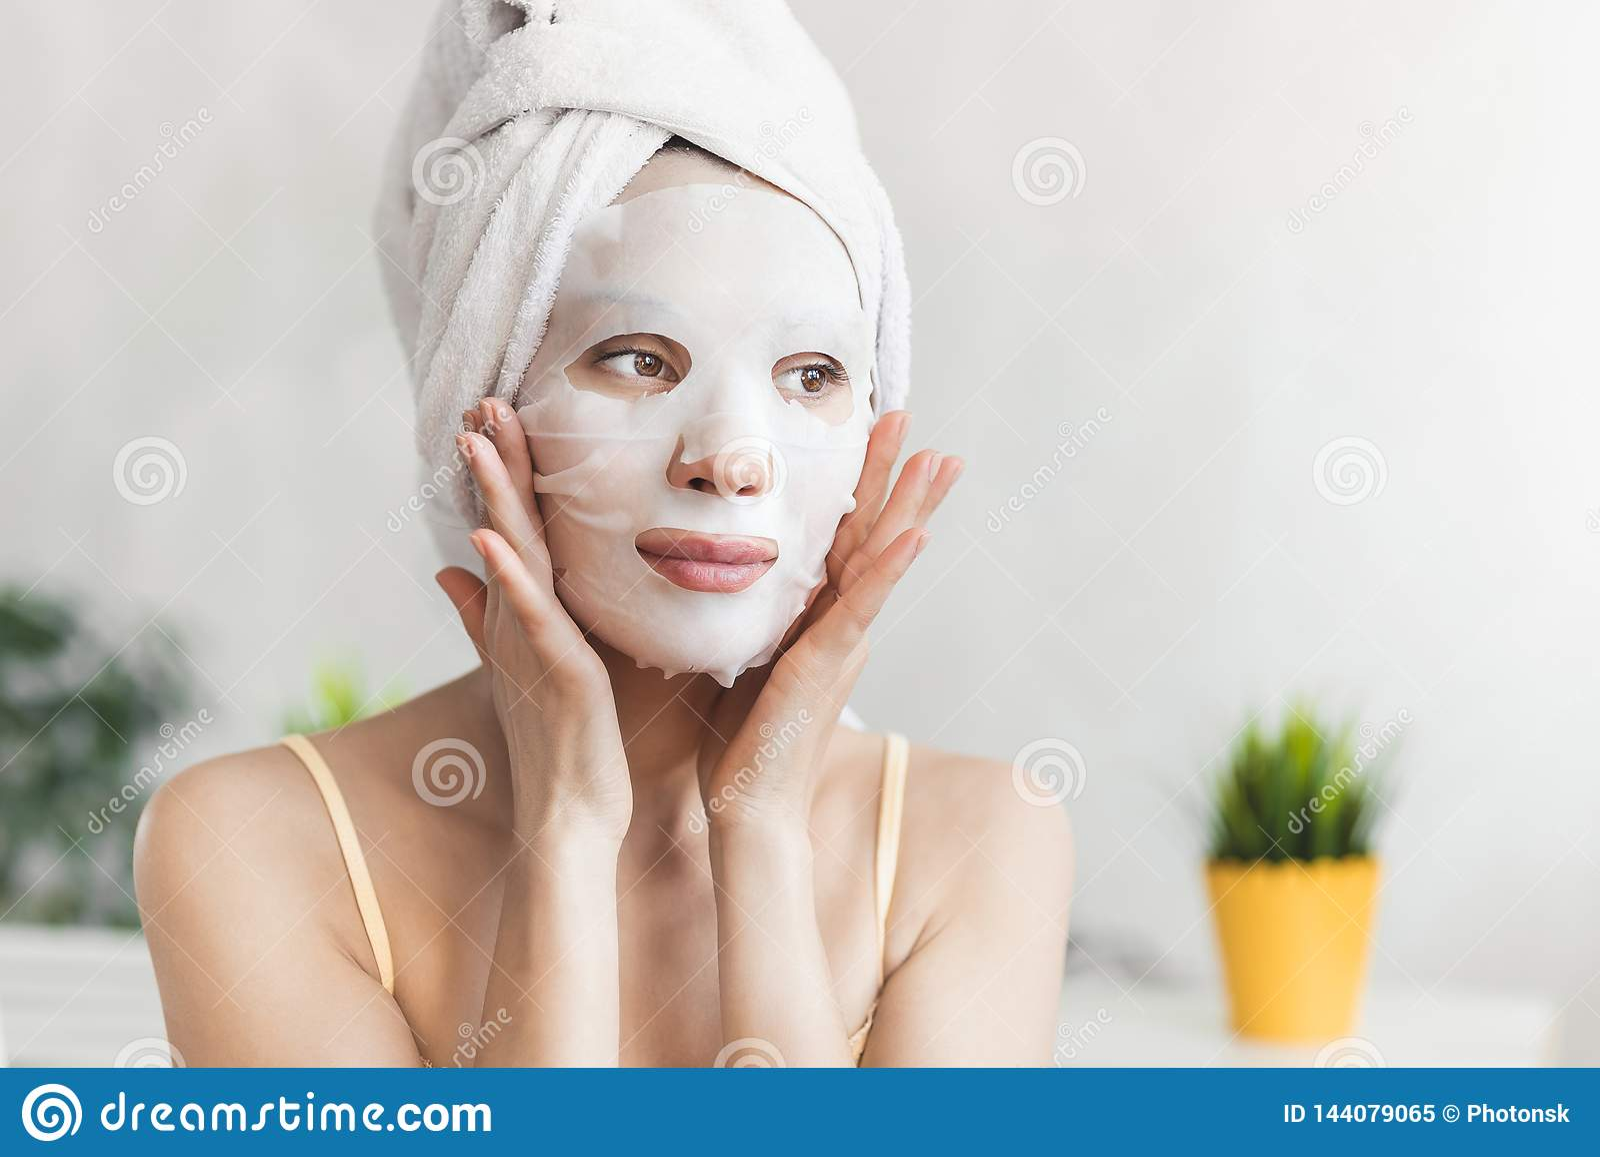 Забота кожи стороны Привлекательная молодая женщина в оболочке в полотенце ванны, с белым moisturizing лицевым щитком гермошлема